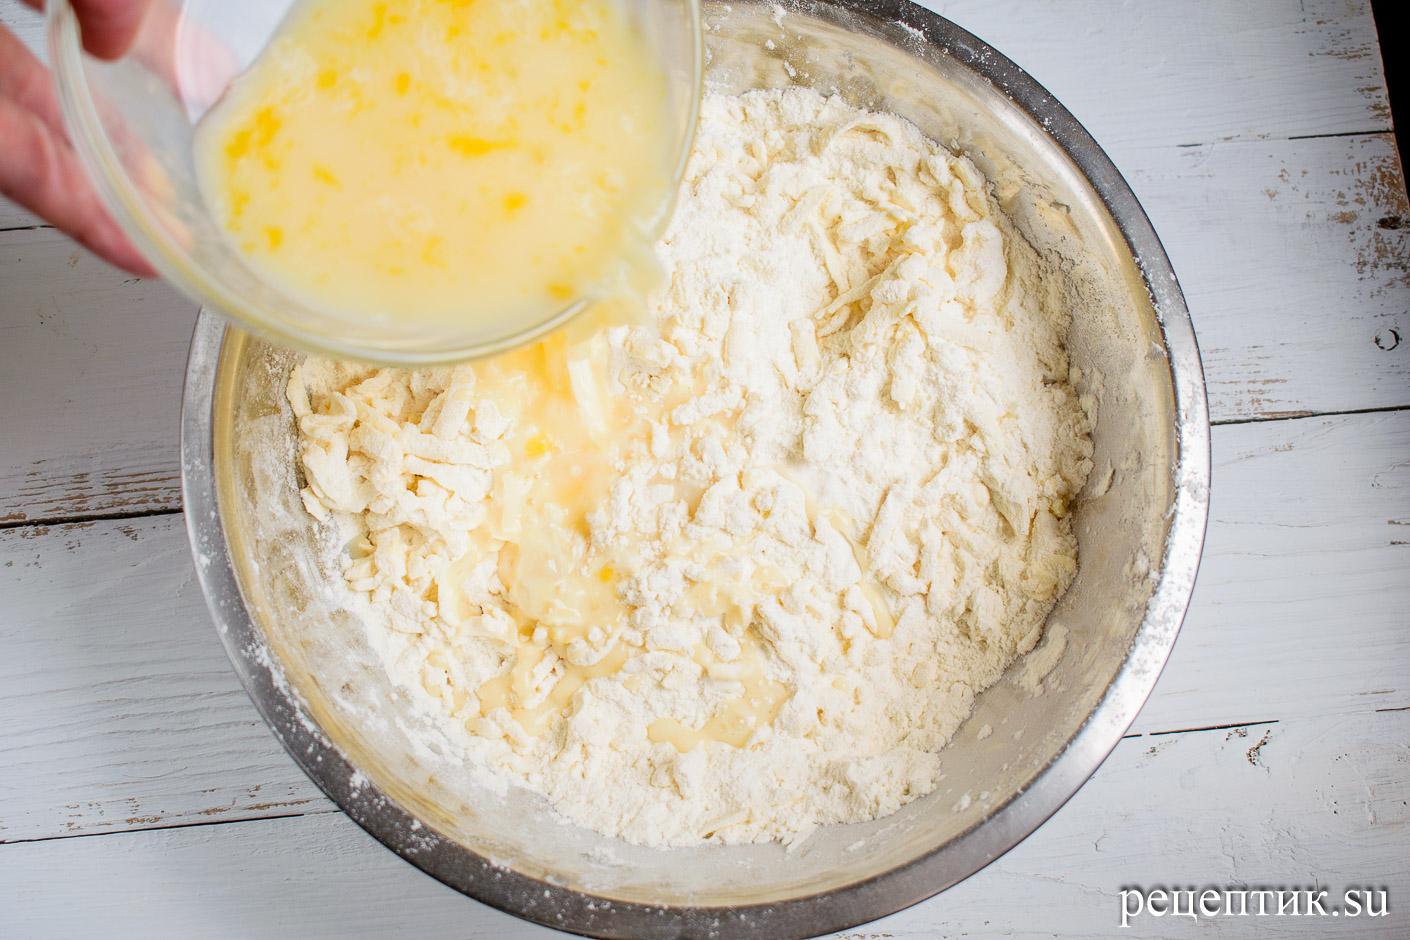 Карамельно-ореховый наполеон со сметанным кремом - рецепт с фото, шаг 6